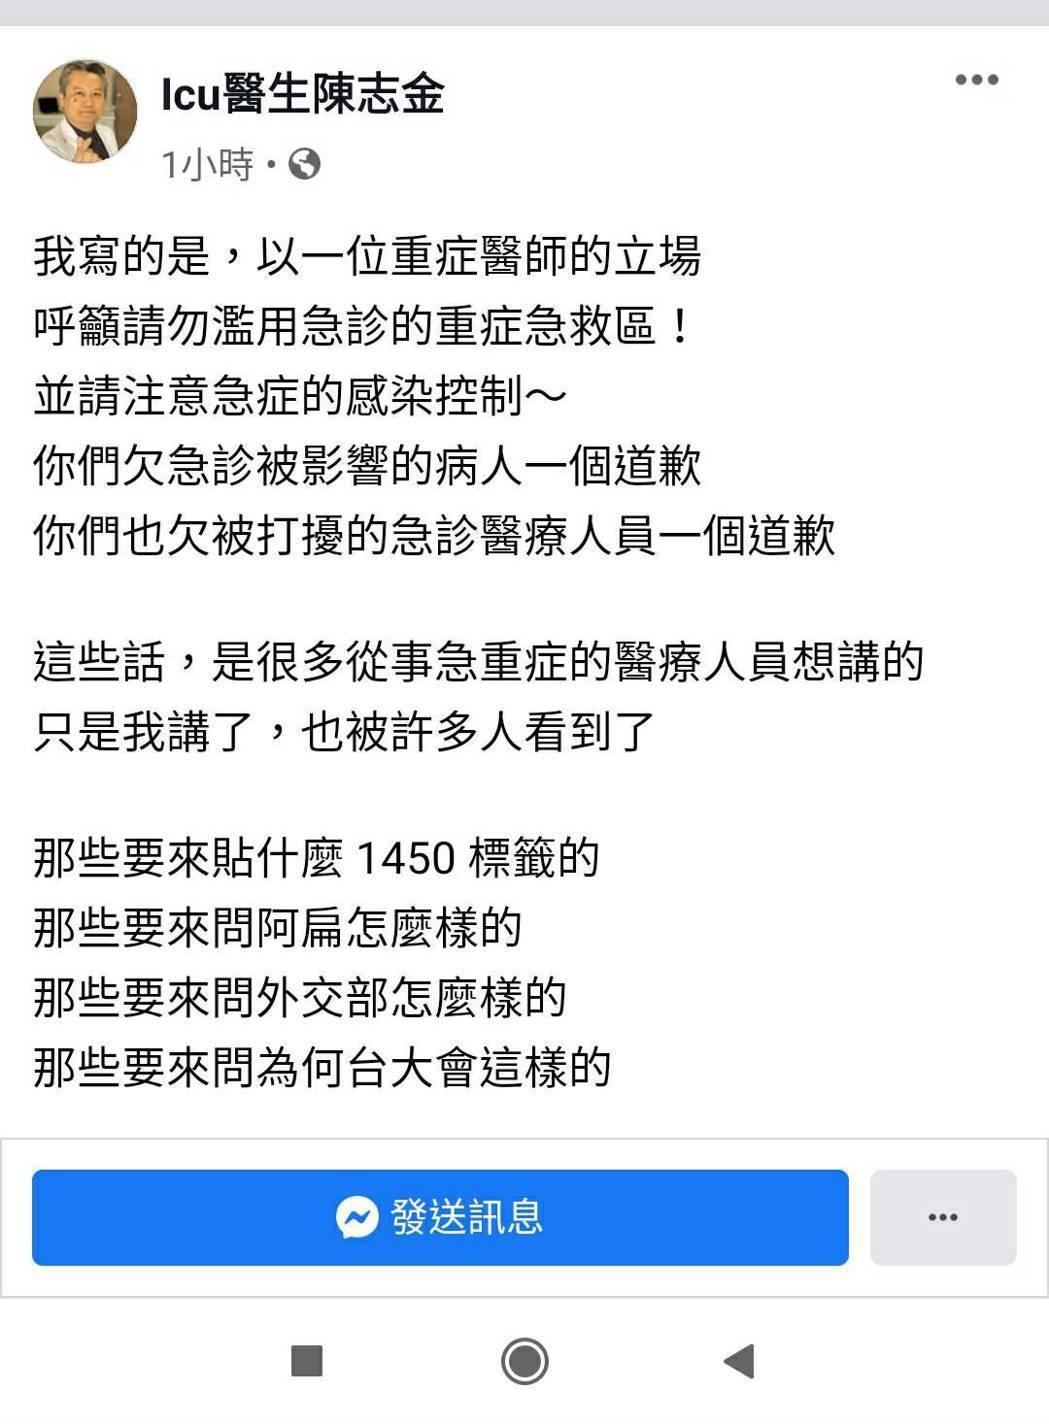 陳志金也在臉書再次發文說,是以一個重症醫師的立場發文,除請注意重症感染控制,「你...